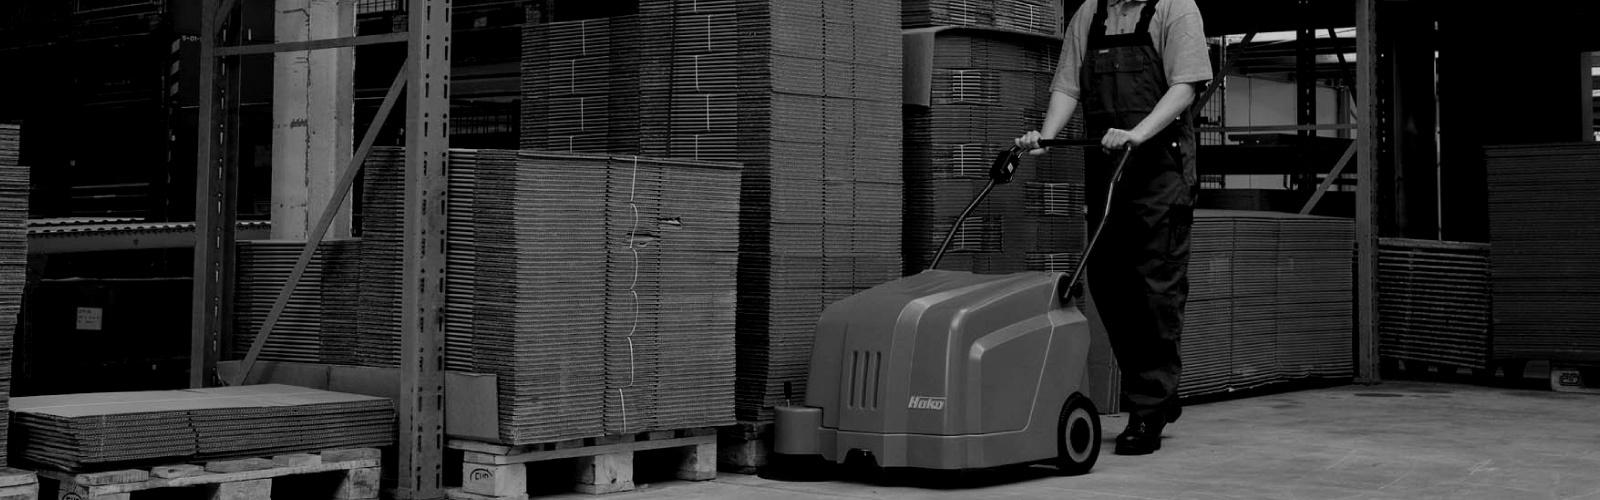 Sweepmaster B500 Industrial Floor Sweeper or Carpet Area Vacuum